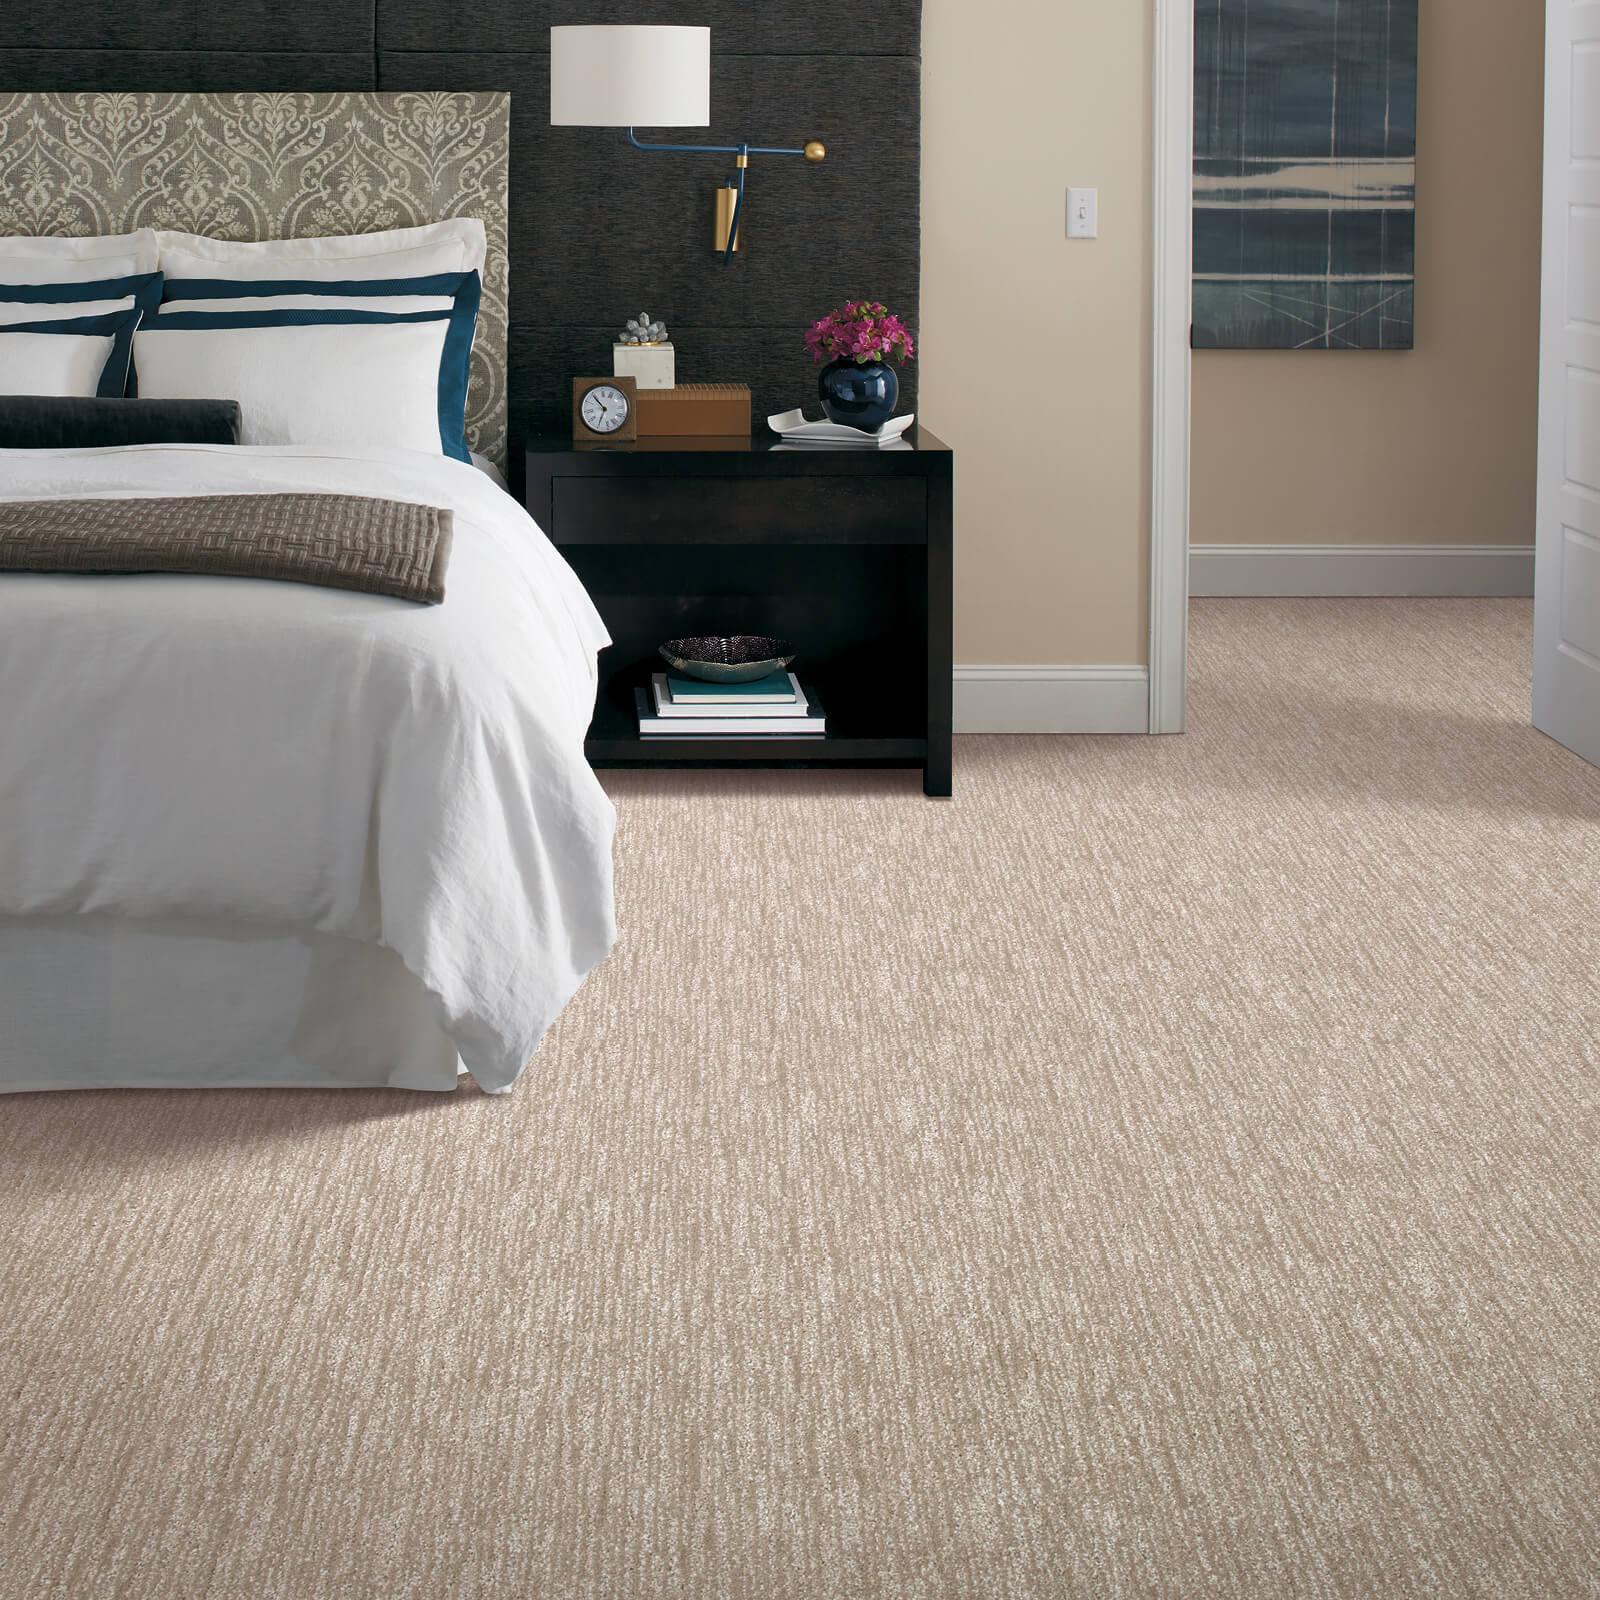 New carpet in bedroom | Bassett Carpets